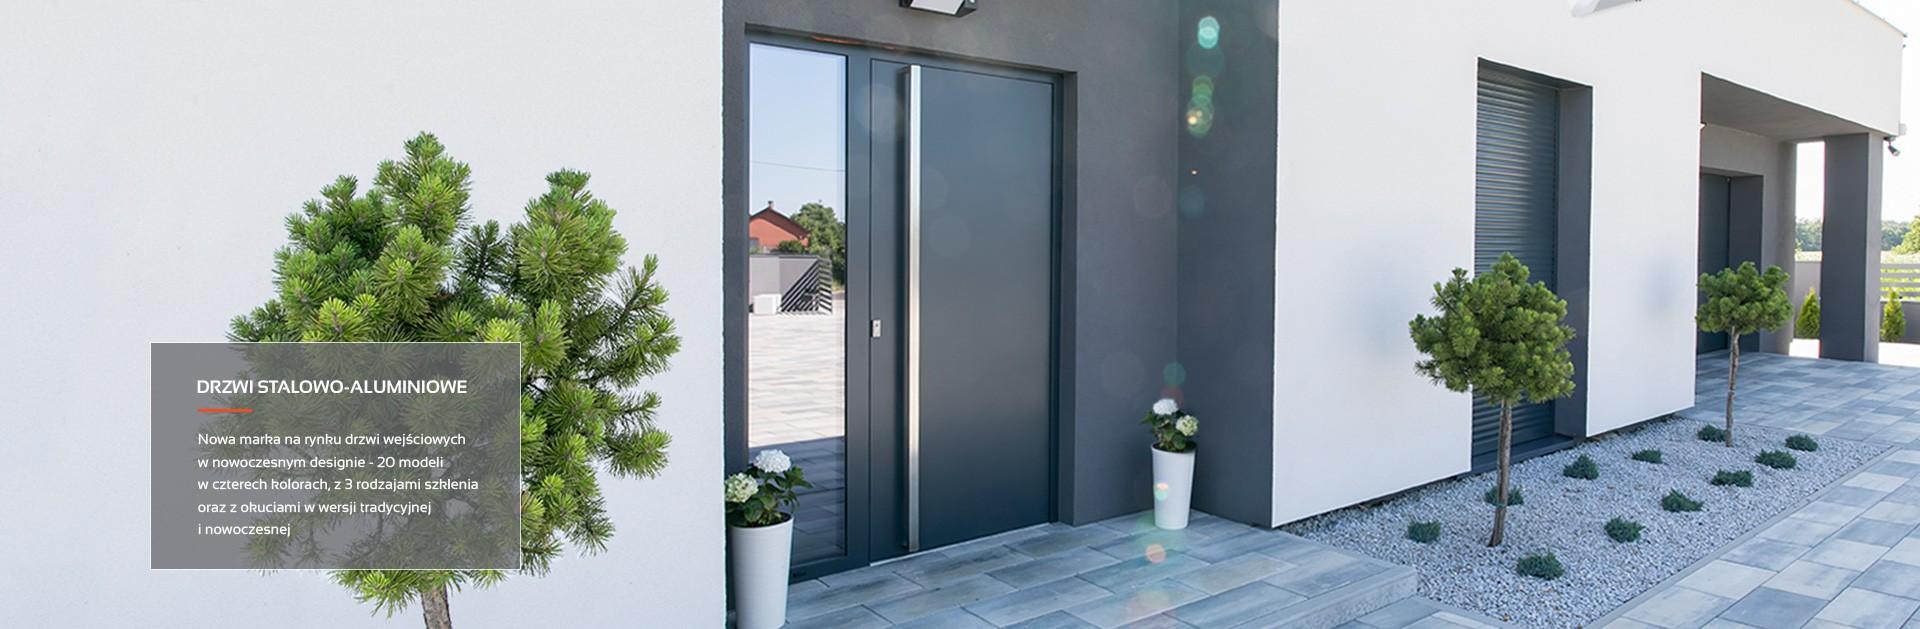 Drzwi wejściowe stalowo-aluminiowe MK-DOOR